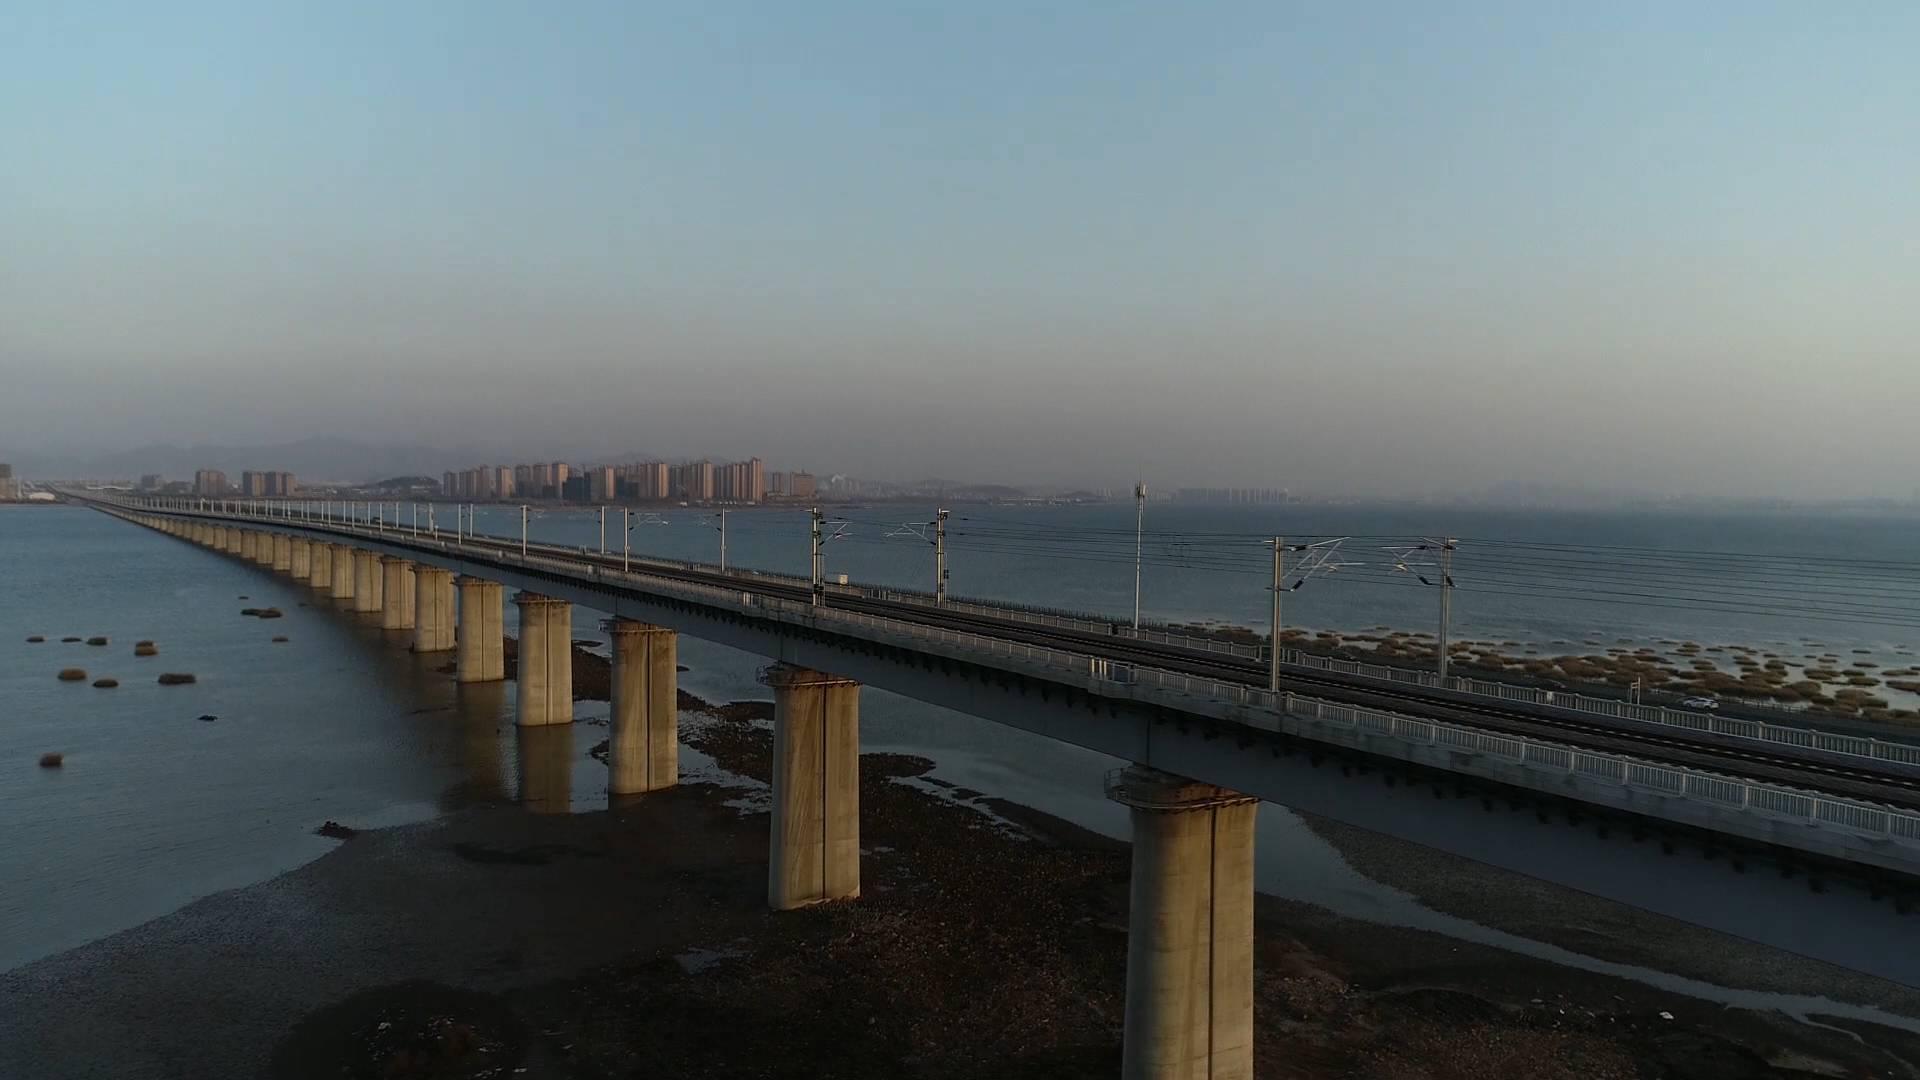 52秒丨视频超震撼! 青盐铁路跨胶州湾特大桥即将投入使用